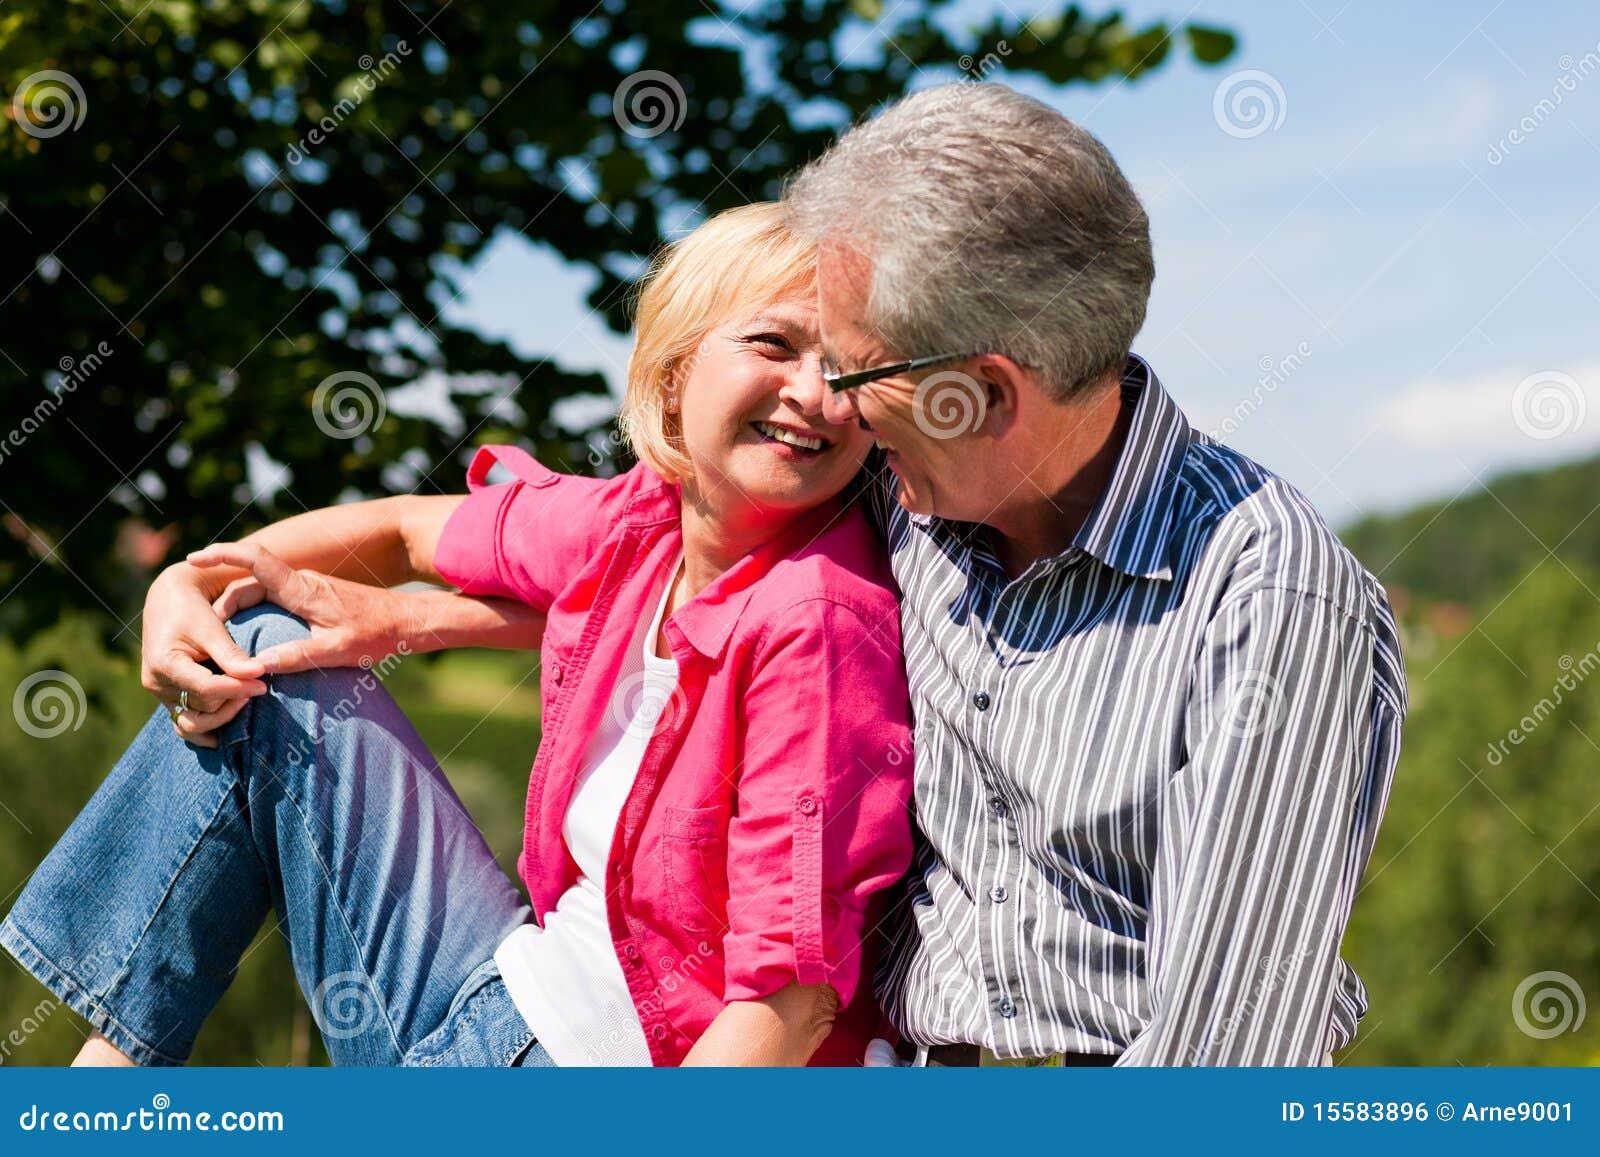 Супружеские пары флирт 6 фотография